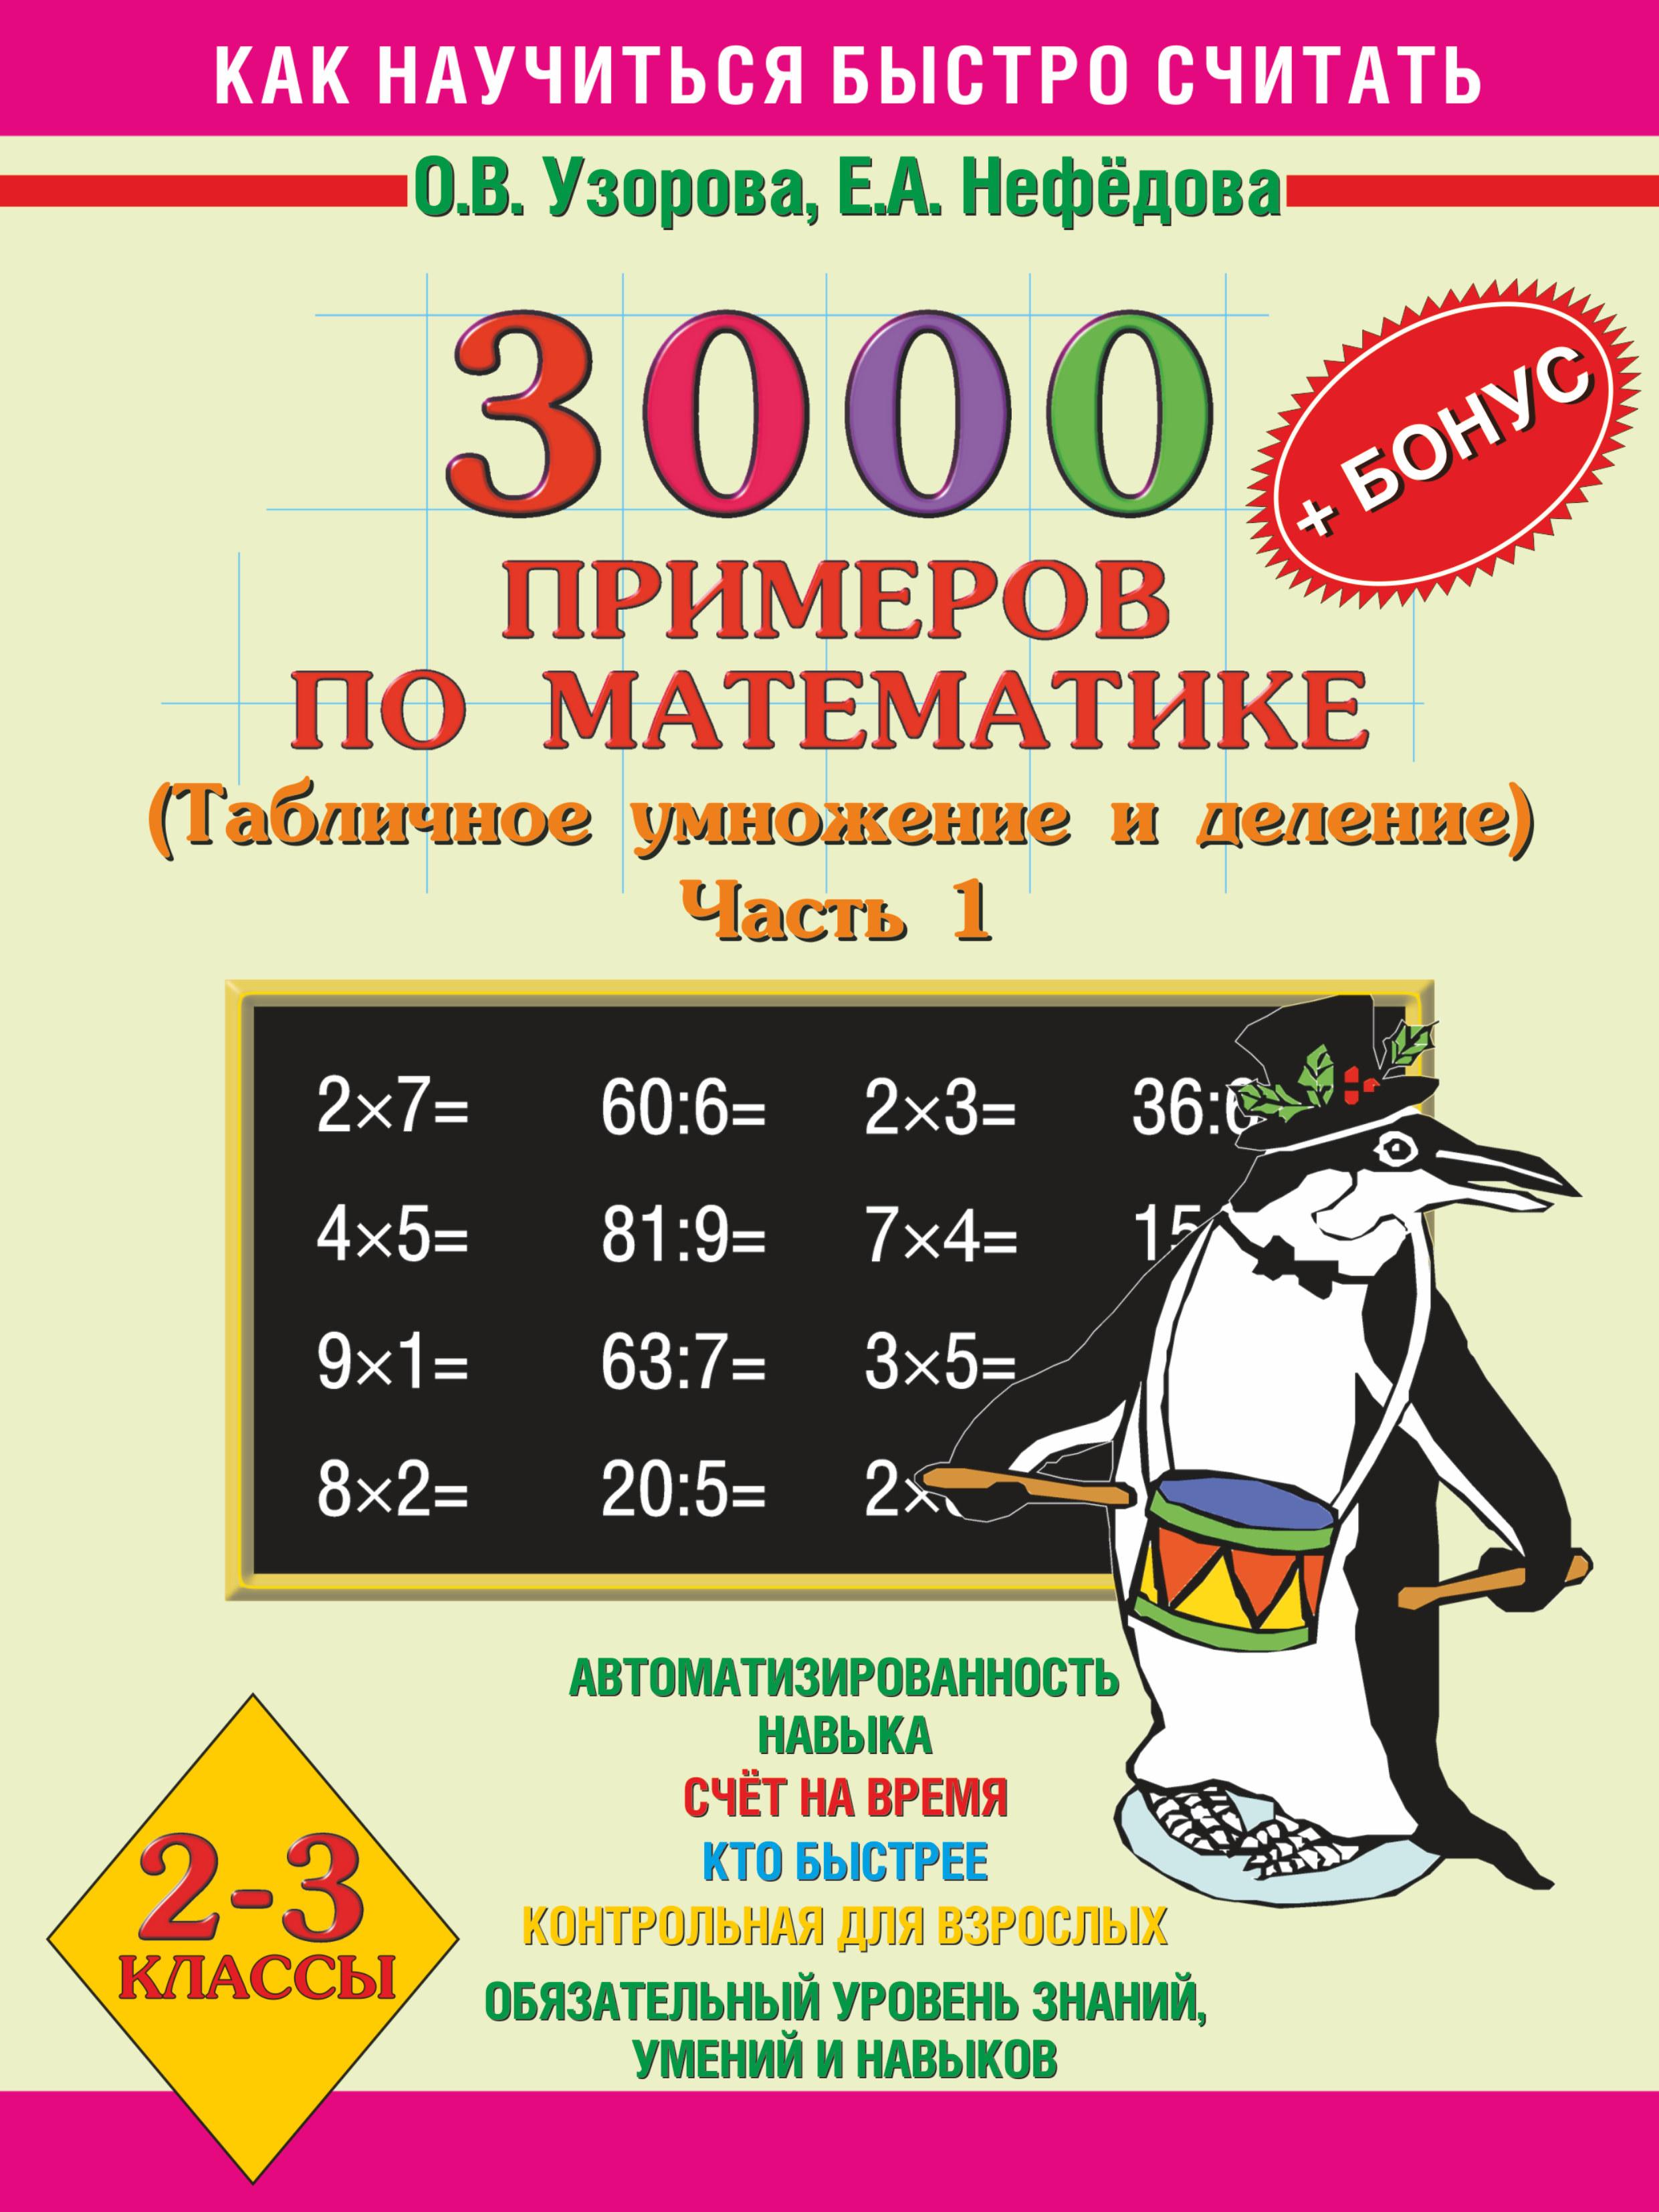 УЗОРОВА НЕФЁДОВА 3000 ПРИМЕРОВ ПО МАТЕМАТИКЕ 2 3 КЛАСС СКАЧАТЬ БЕСПЛАТНО